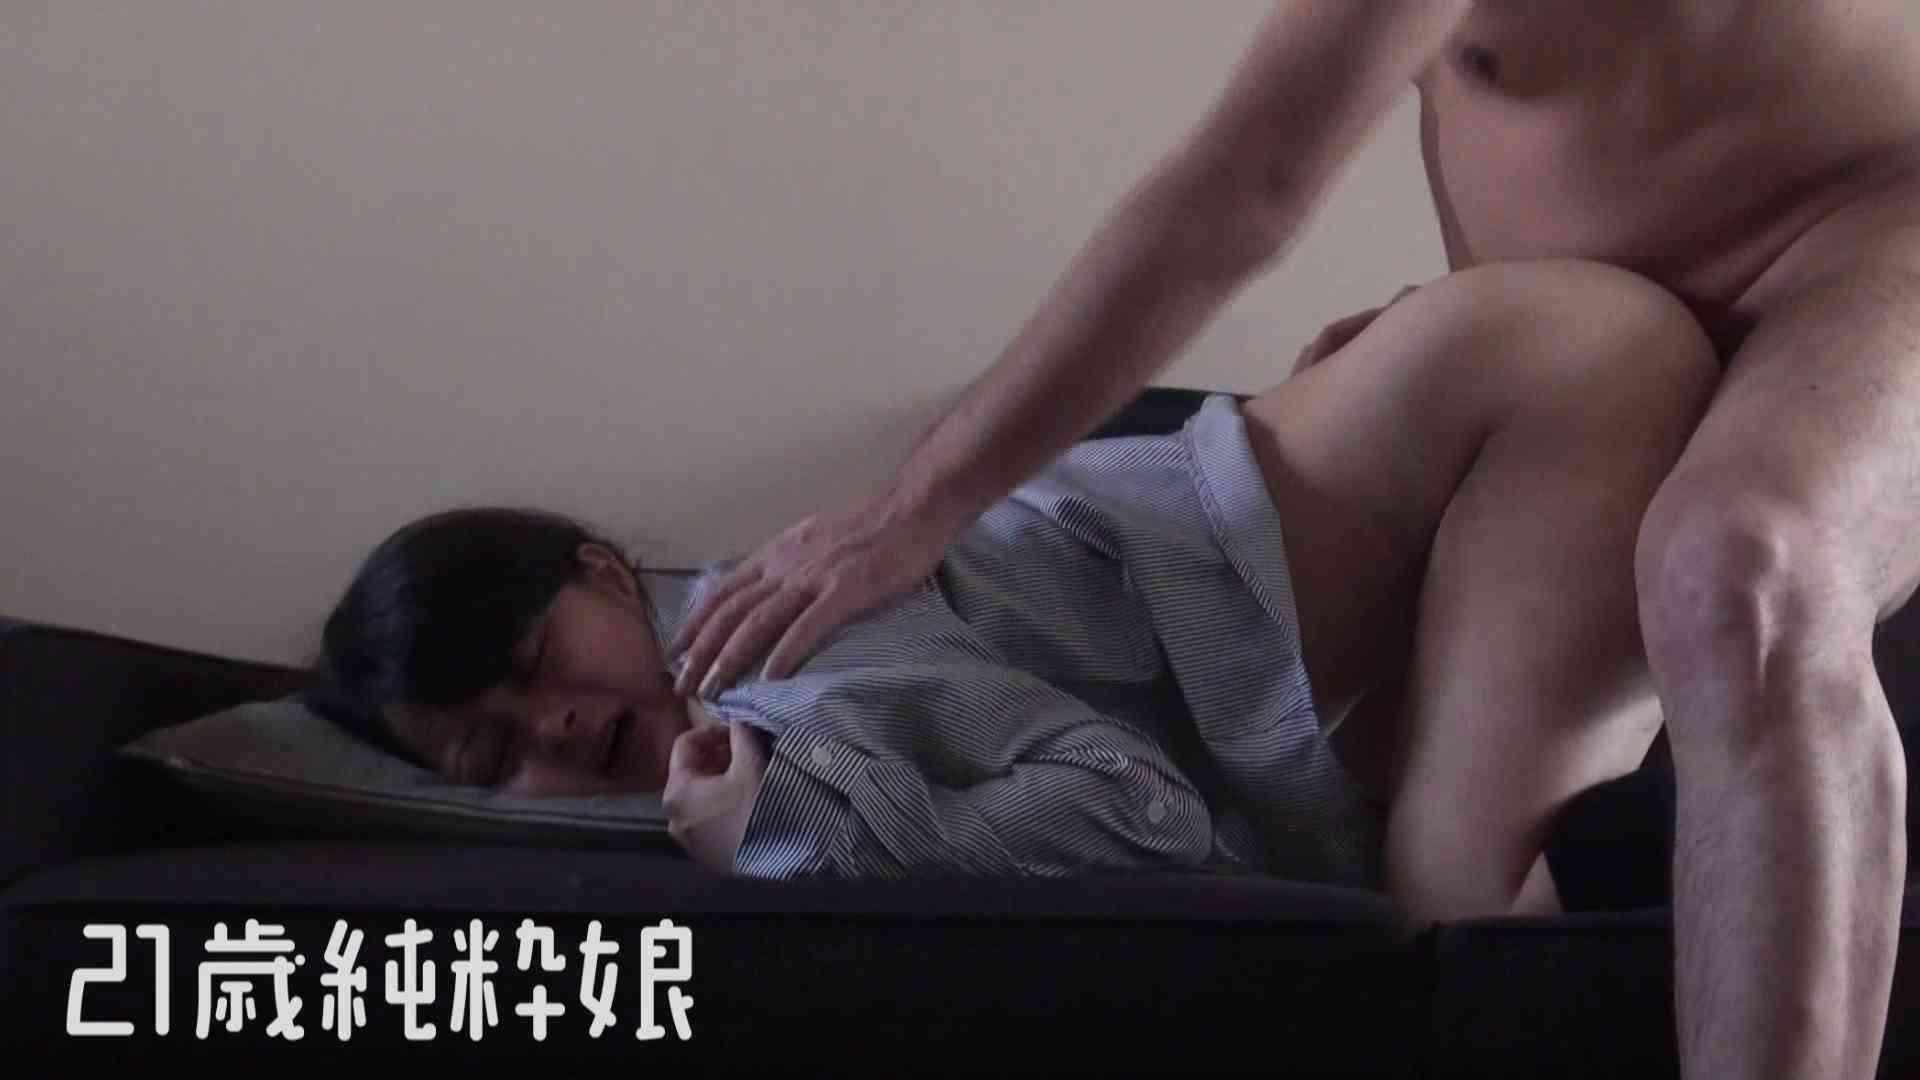 上京したばかりのGカップ21歳純粋嬢を都合の良い女にしてみた3 一般投稿  102pic 38